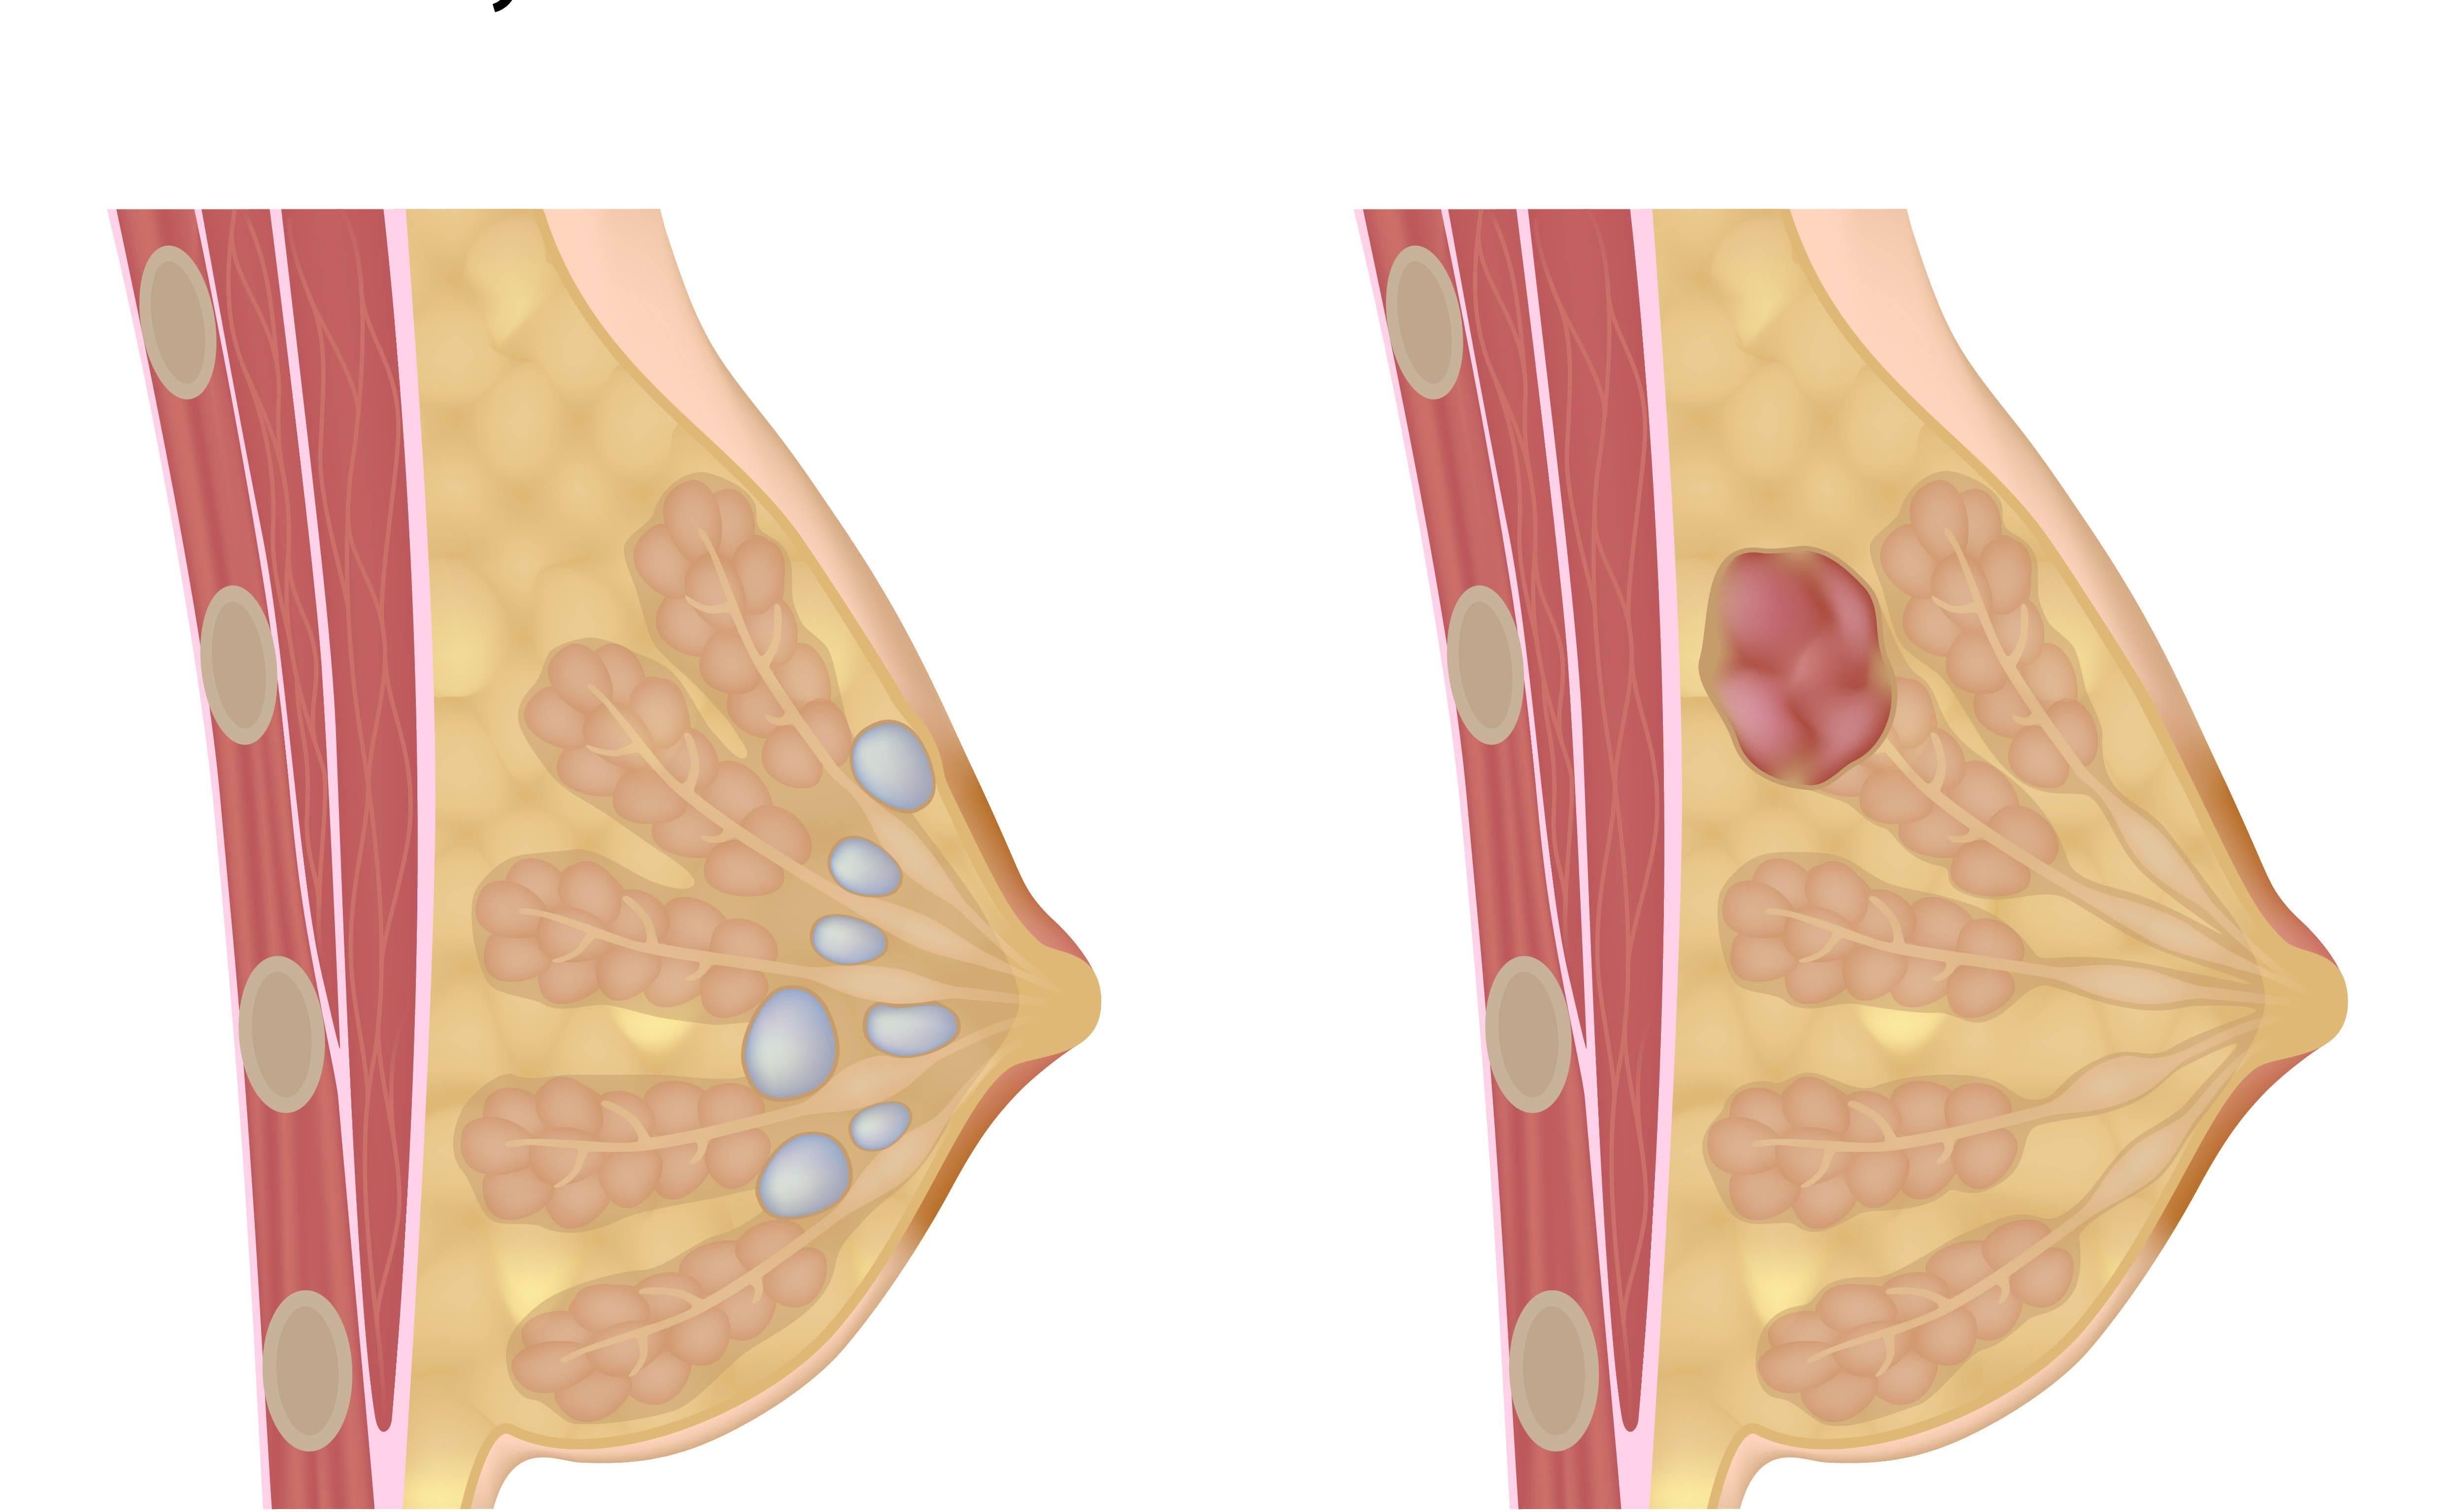 фиброаденома молочной железы во время беременности